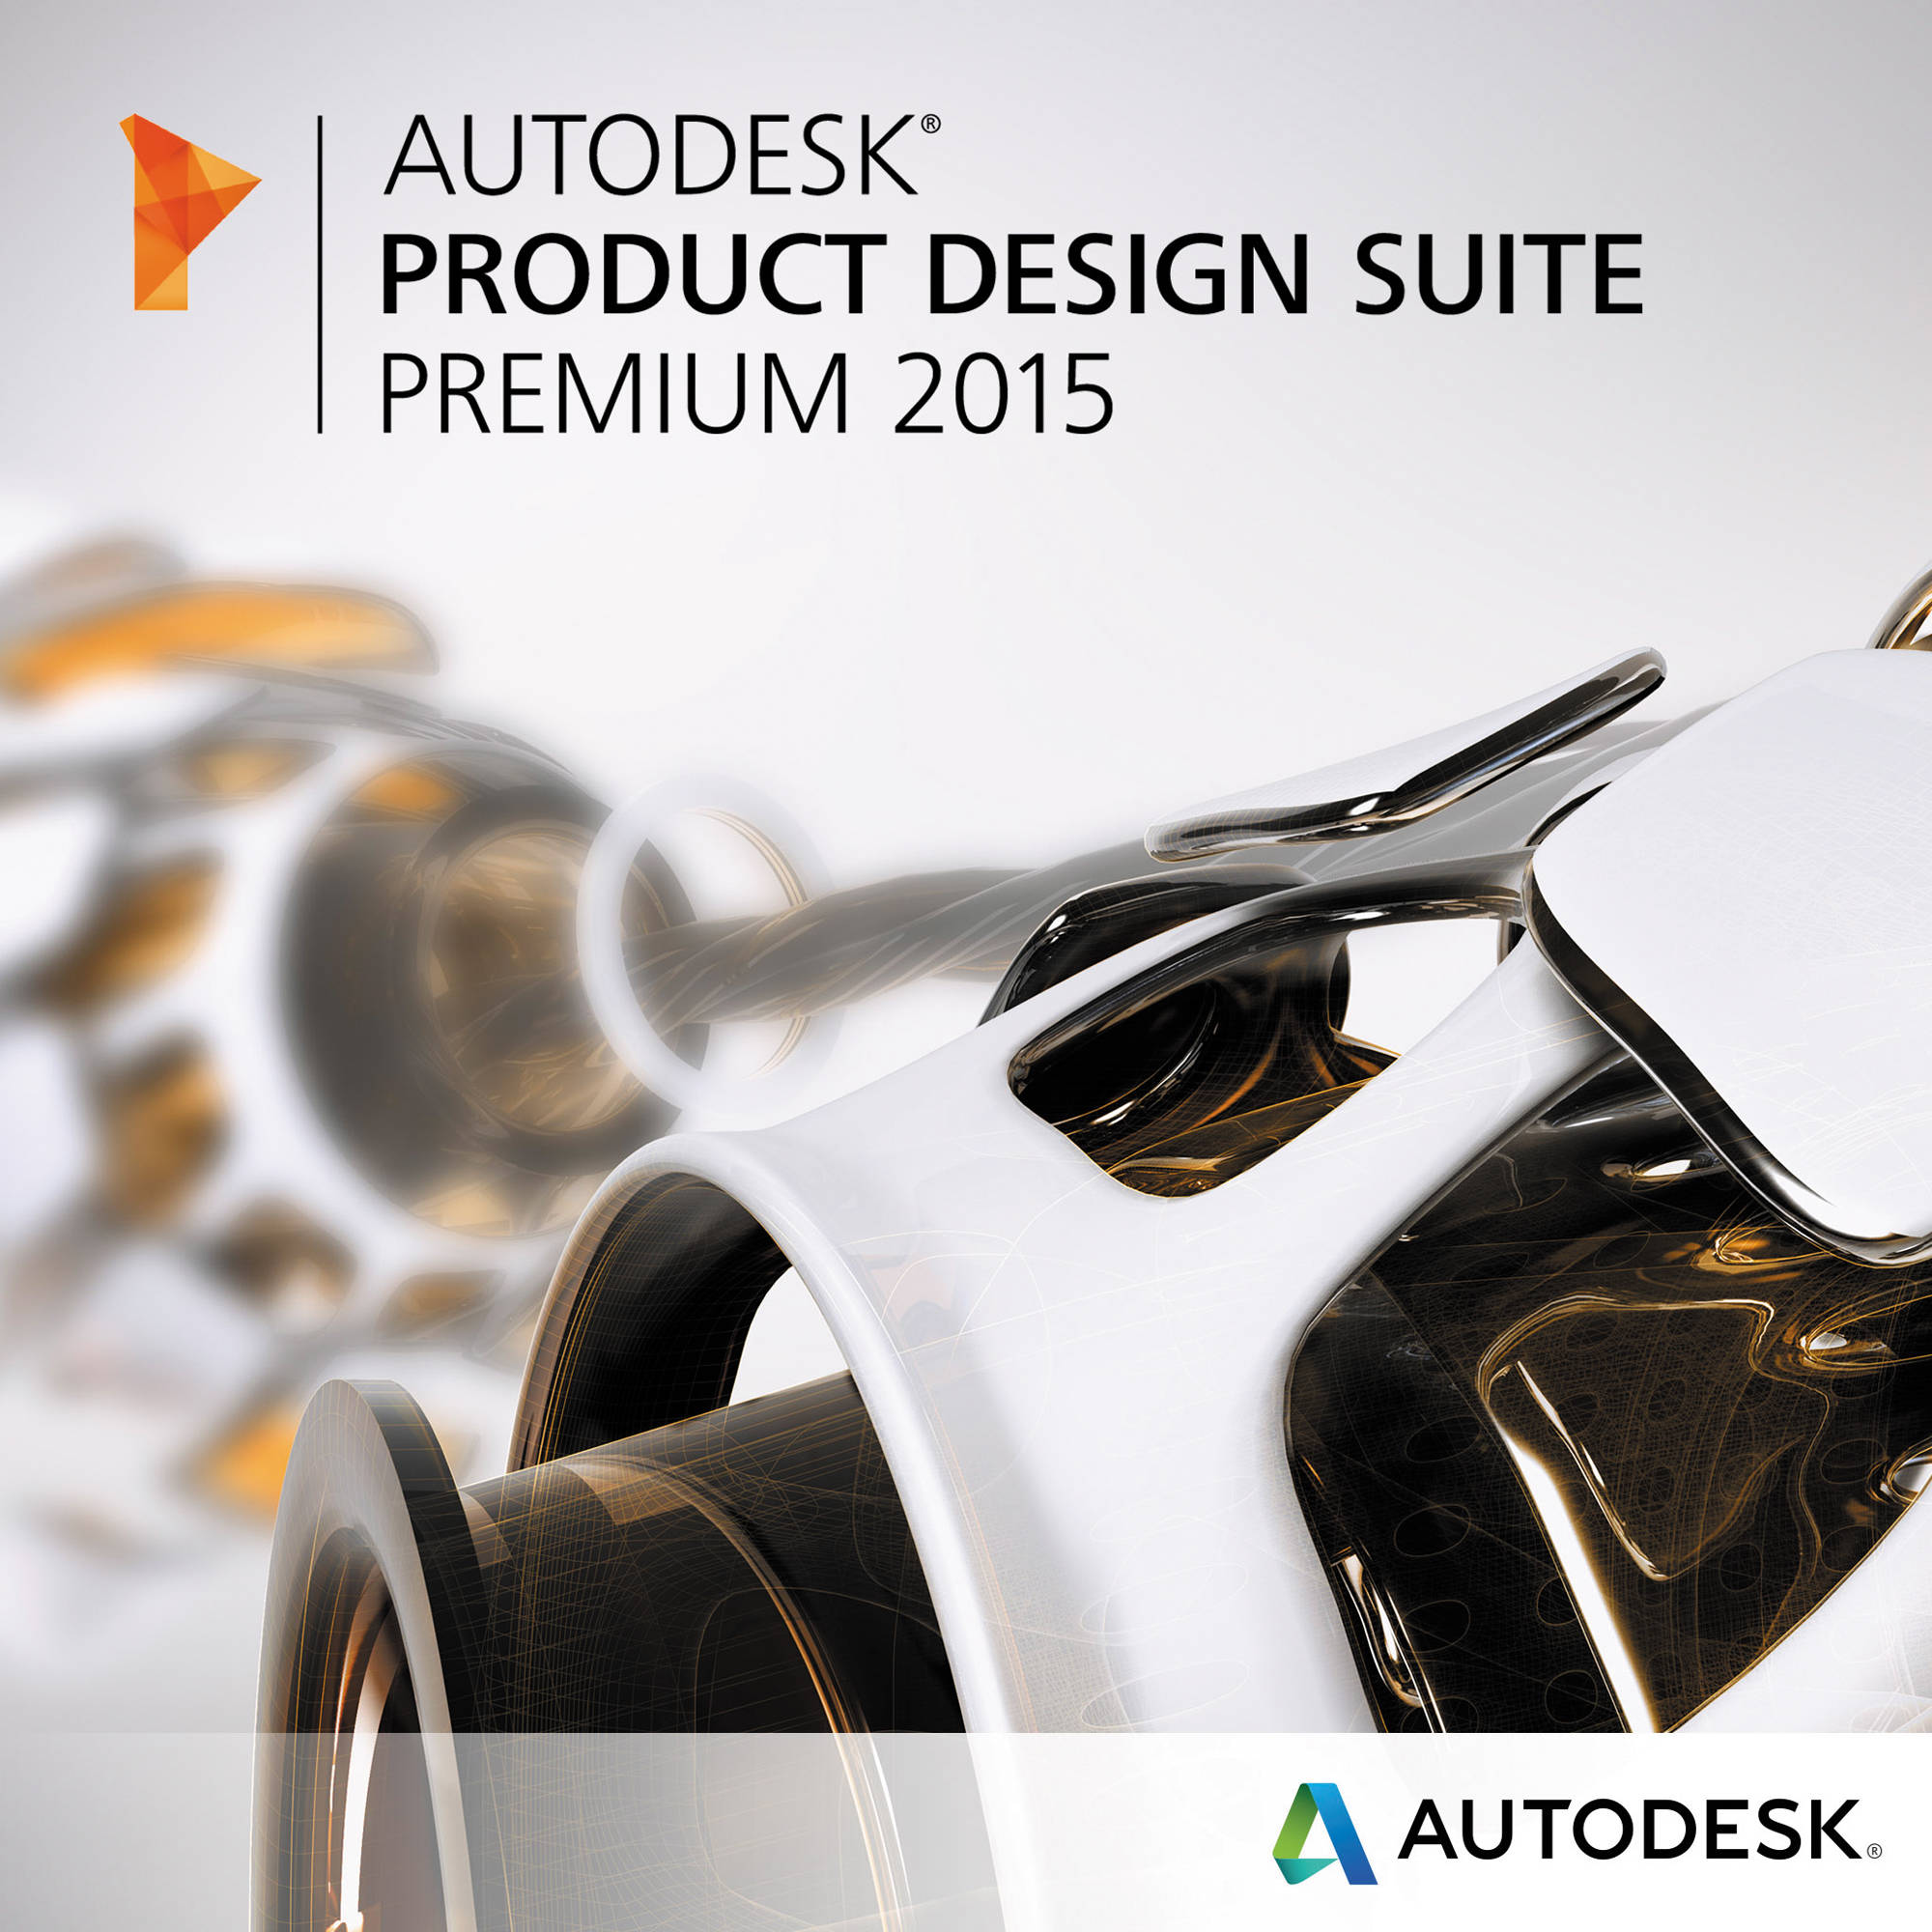 Autodesk Factory Design Suite Premium 2015 757G1-WWR111